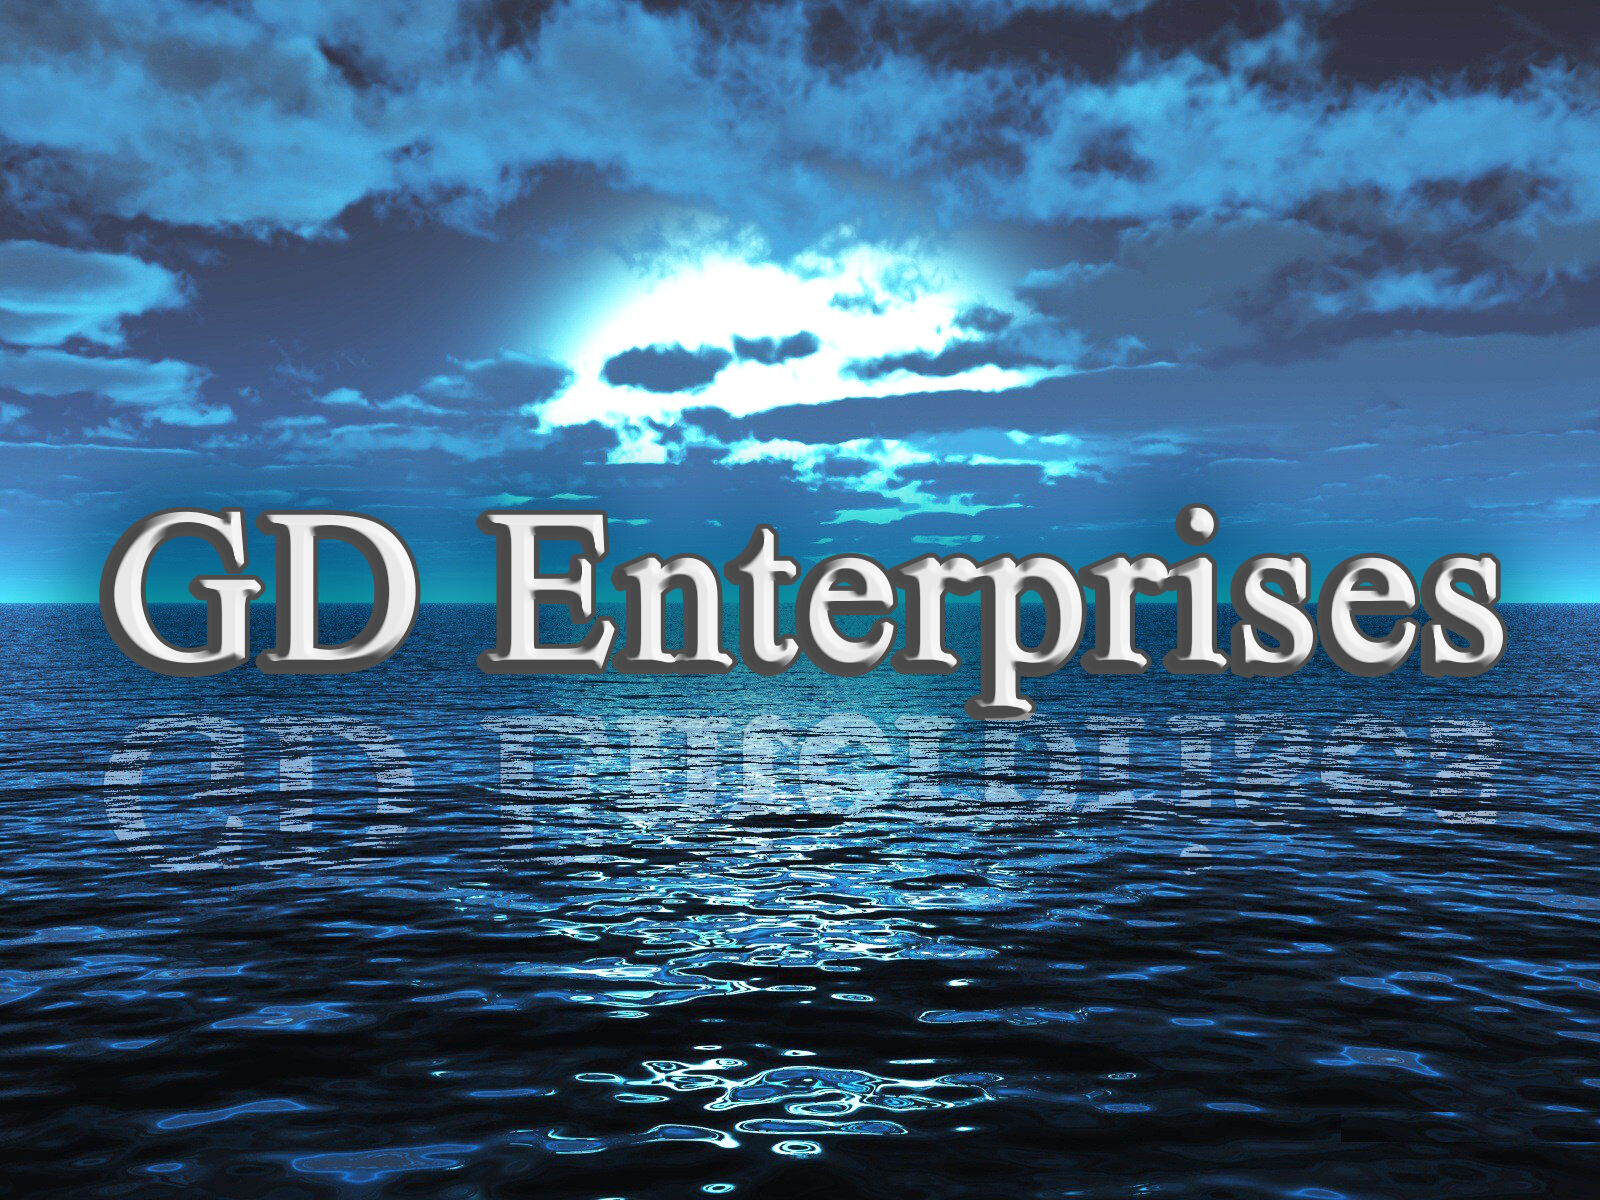 GD Enterprises